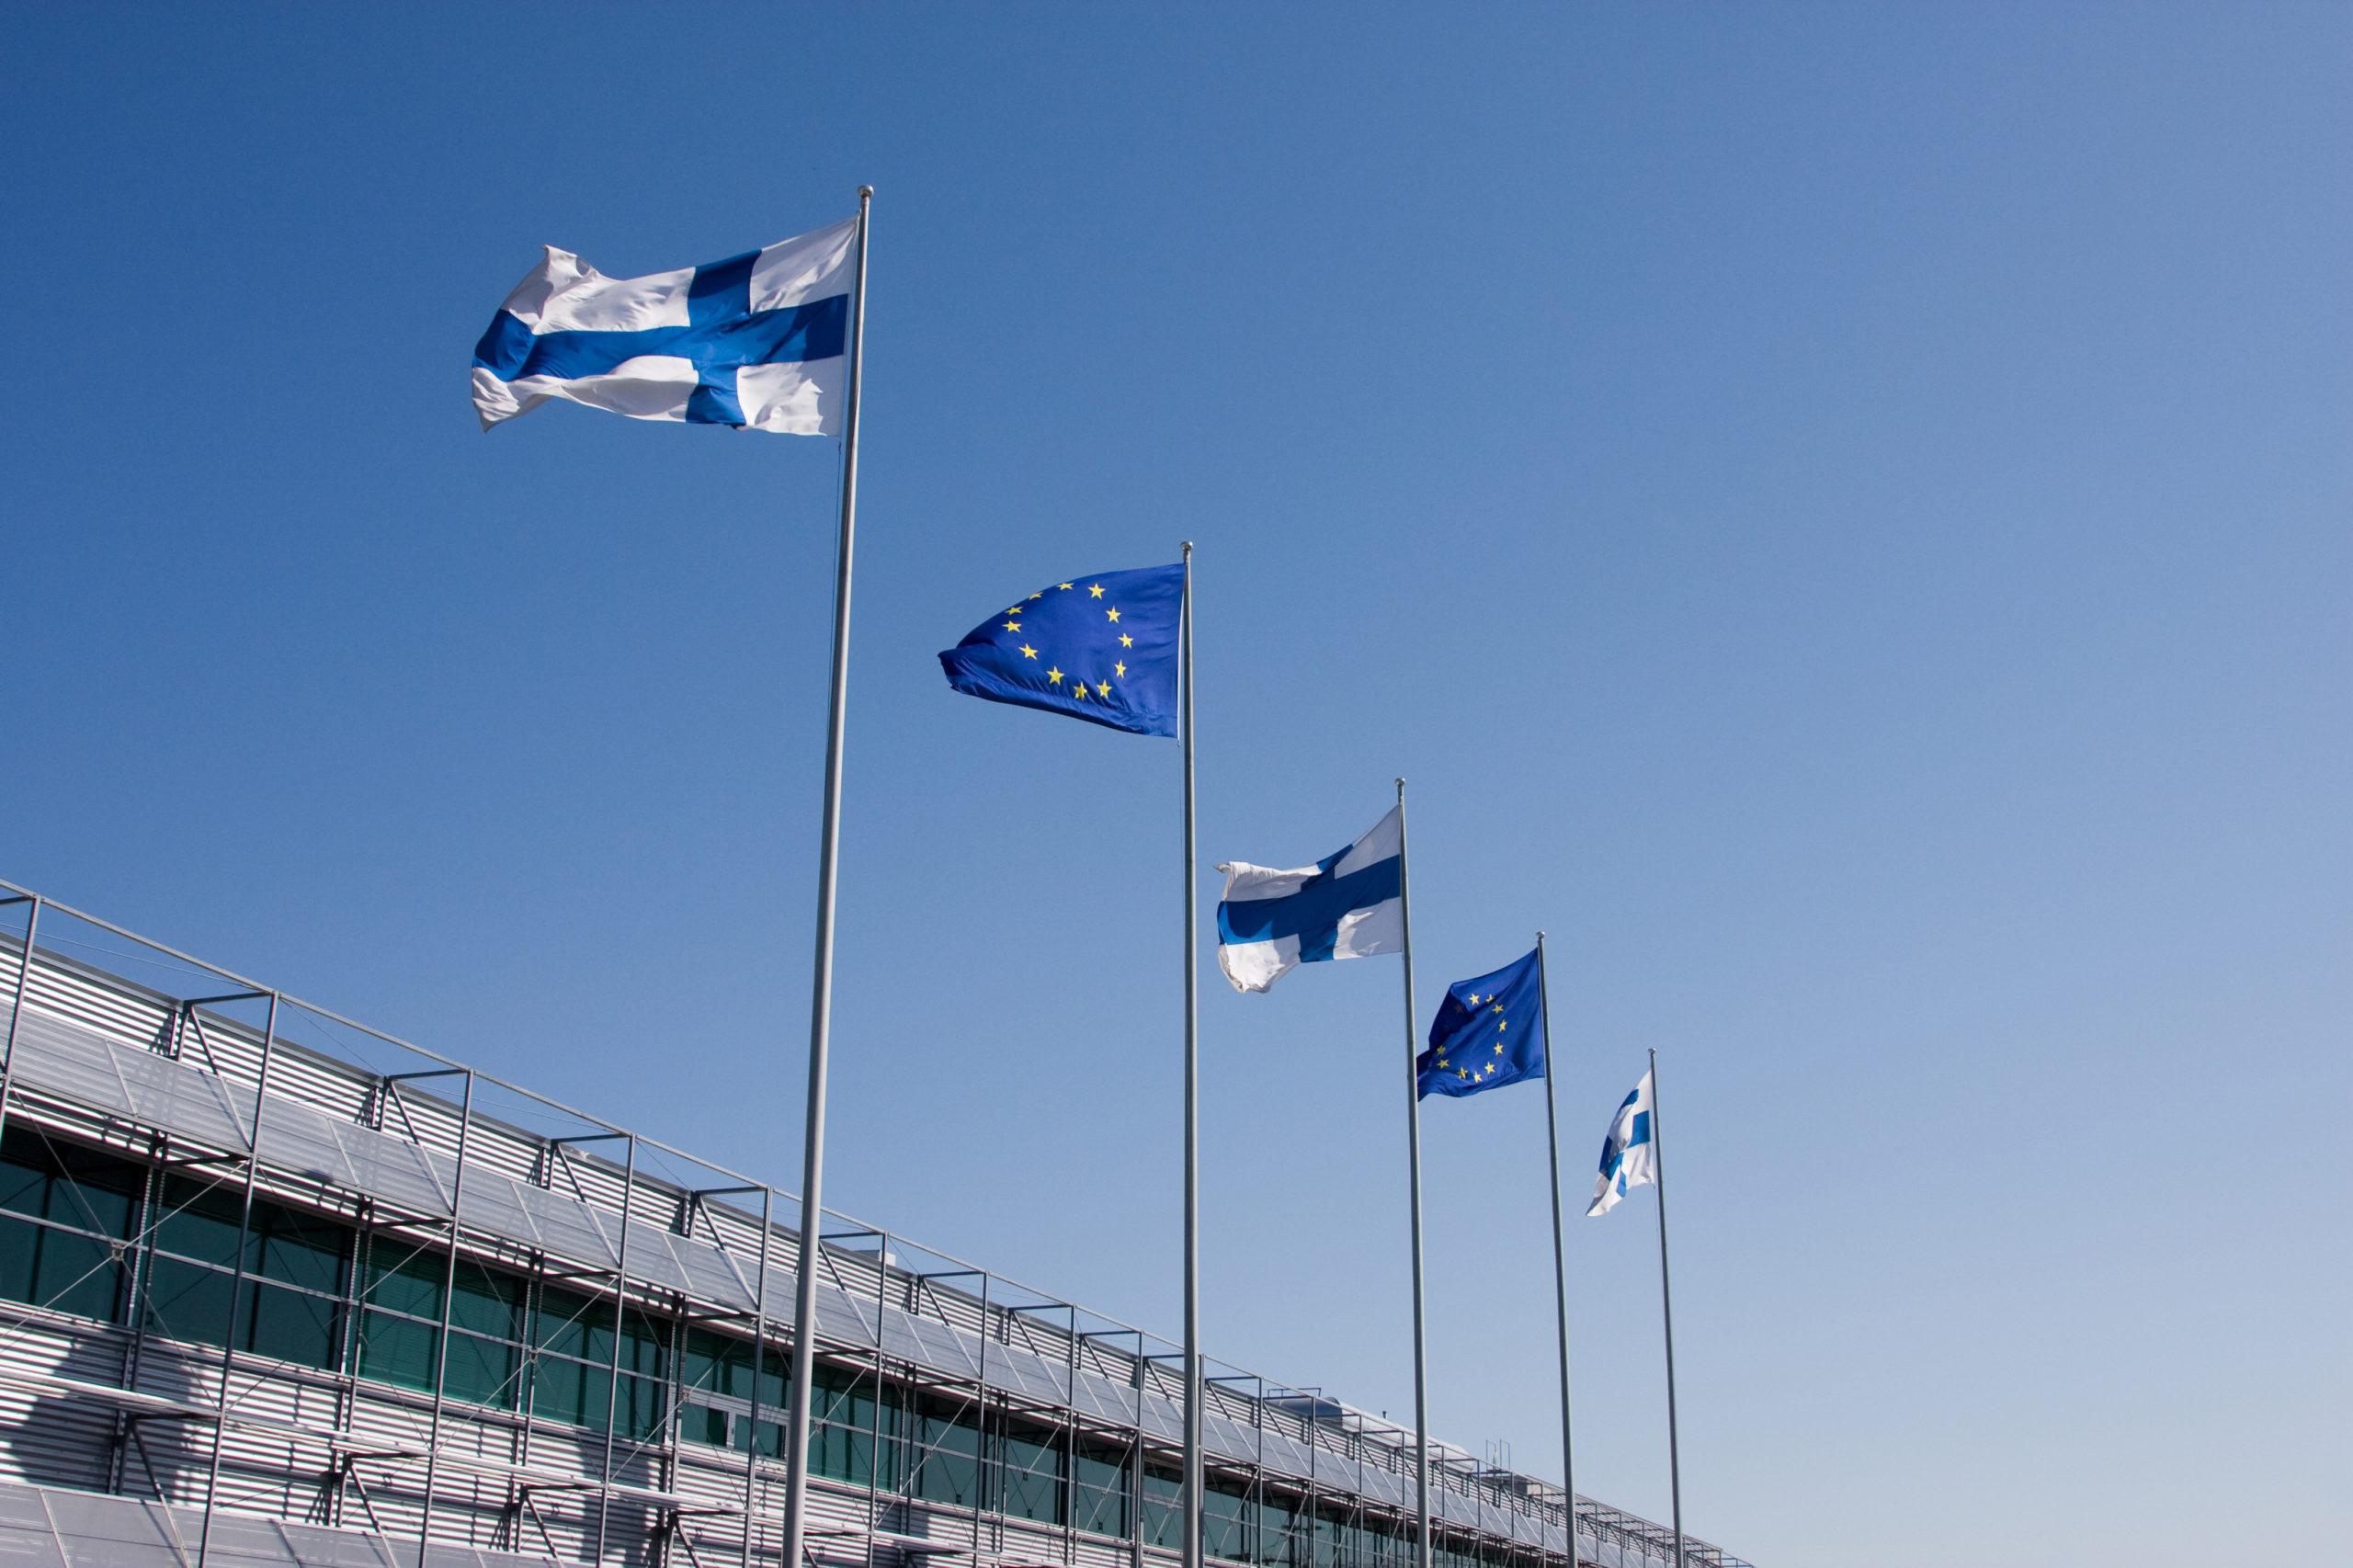 lippuja lipputangoissa, kolme Suomen lippua ja kaksi EU:n lippua